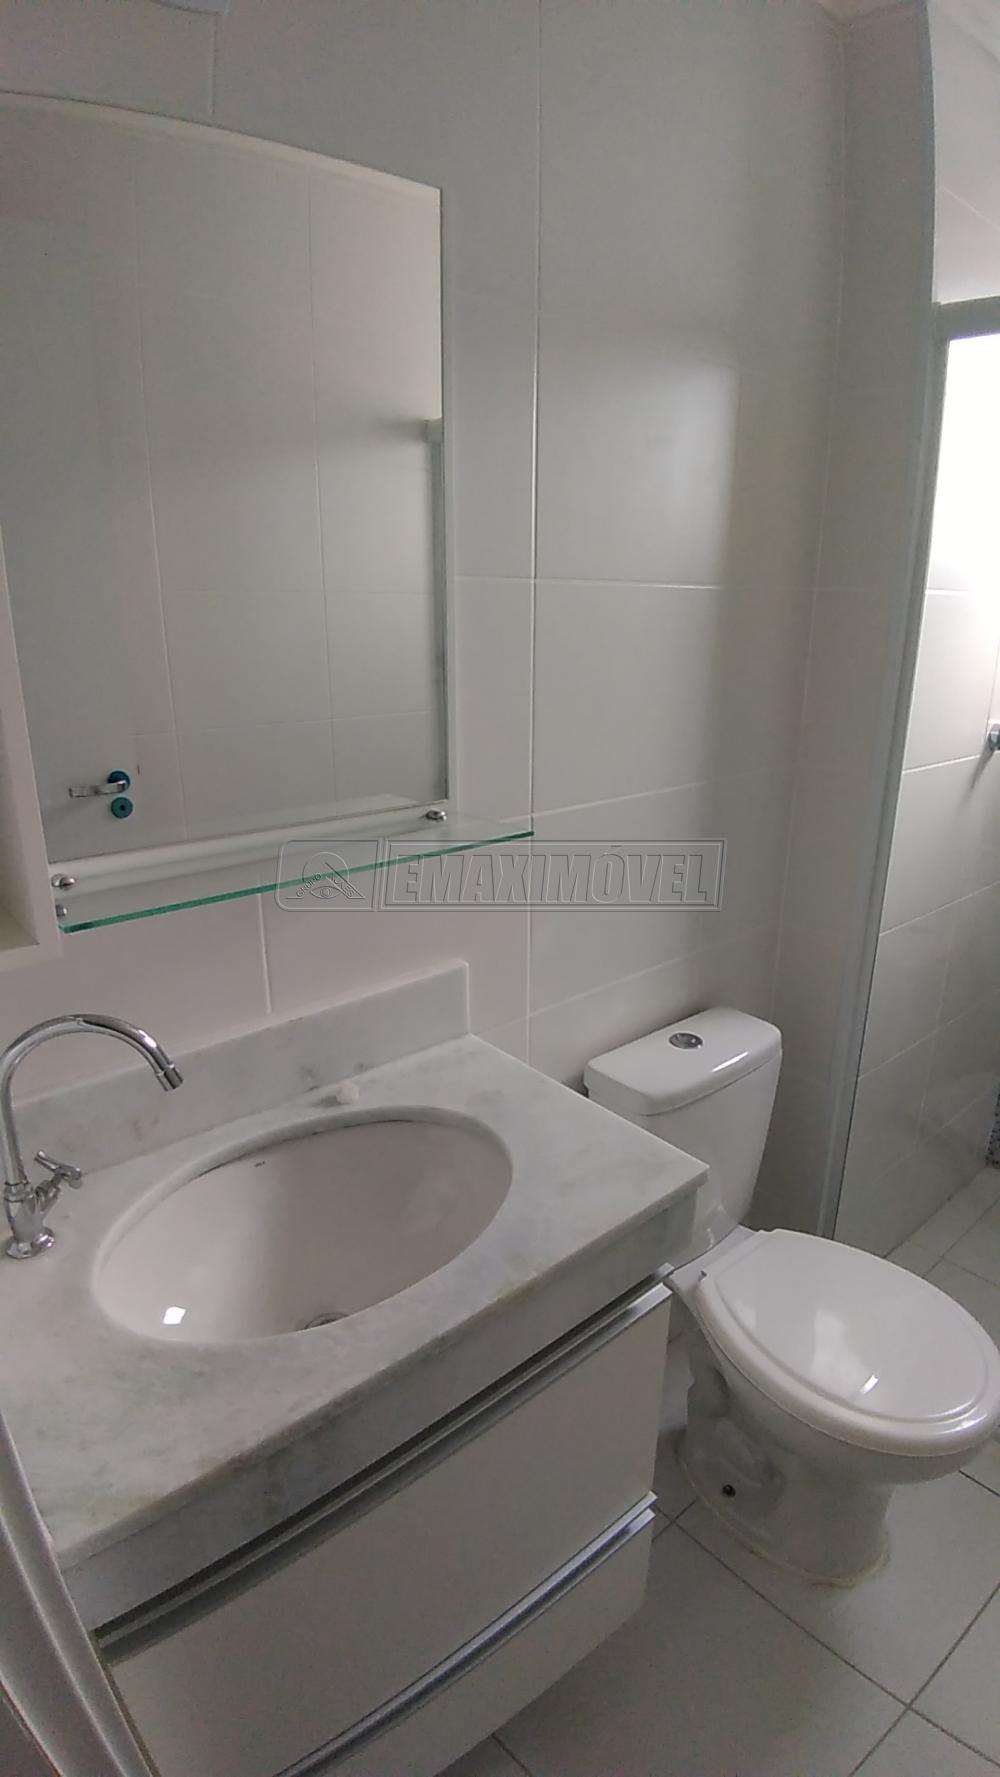 Alugar Apartamentos / Apto Padrão em Sorocaba apenas R$ 970,00 - Foto 10